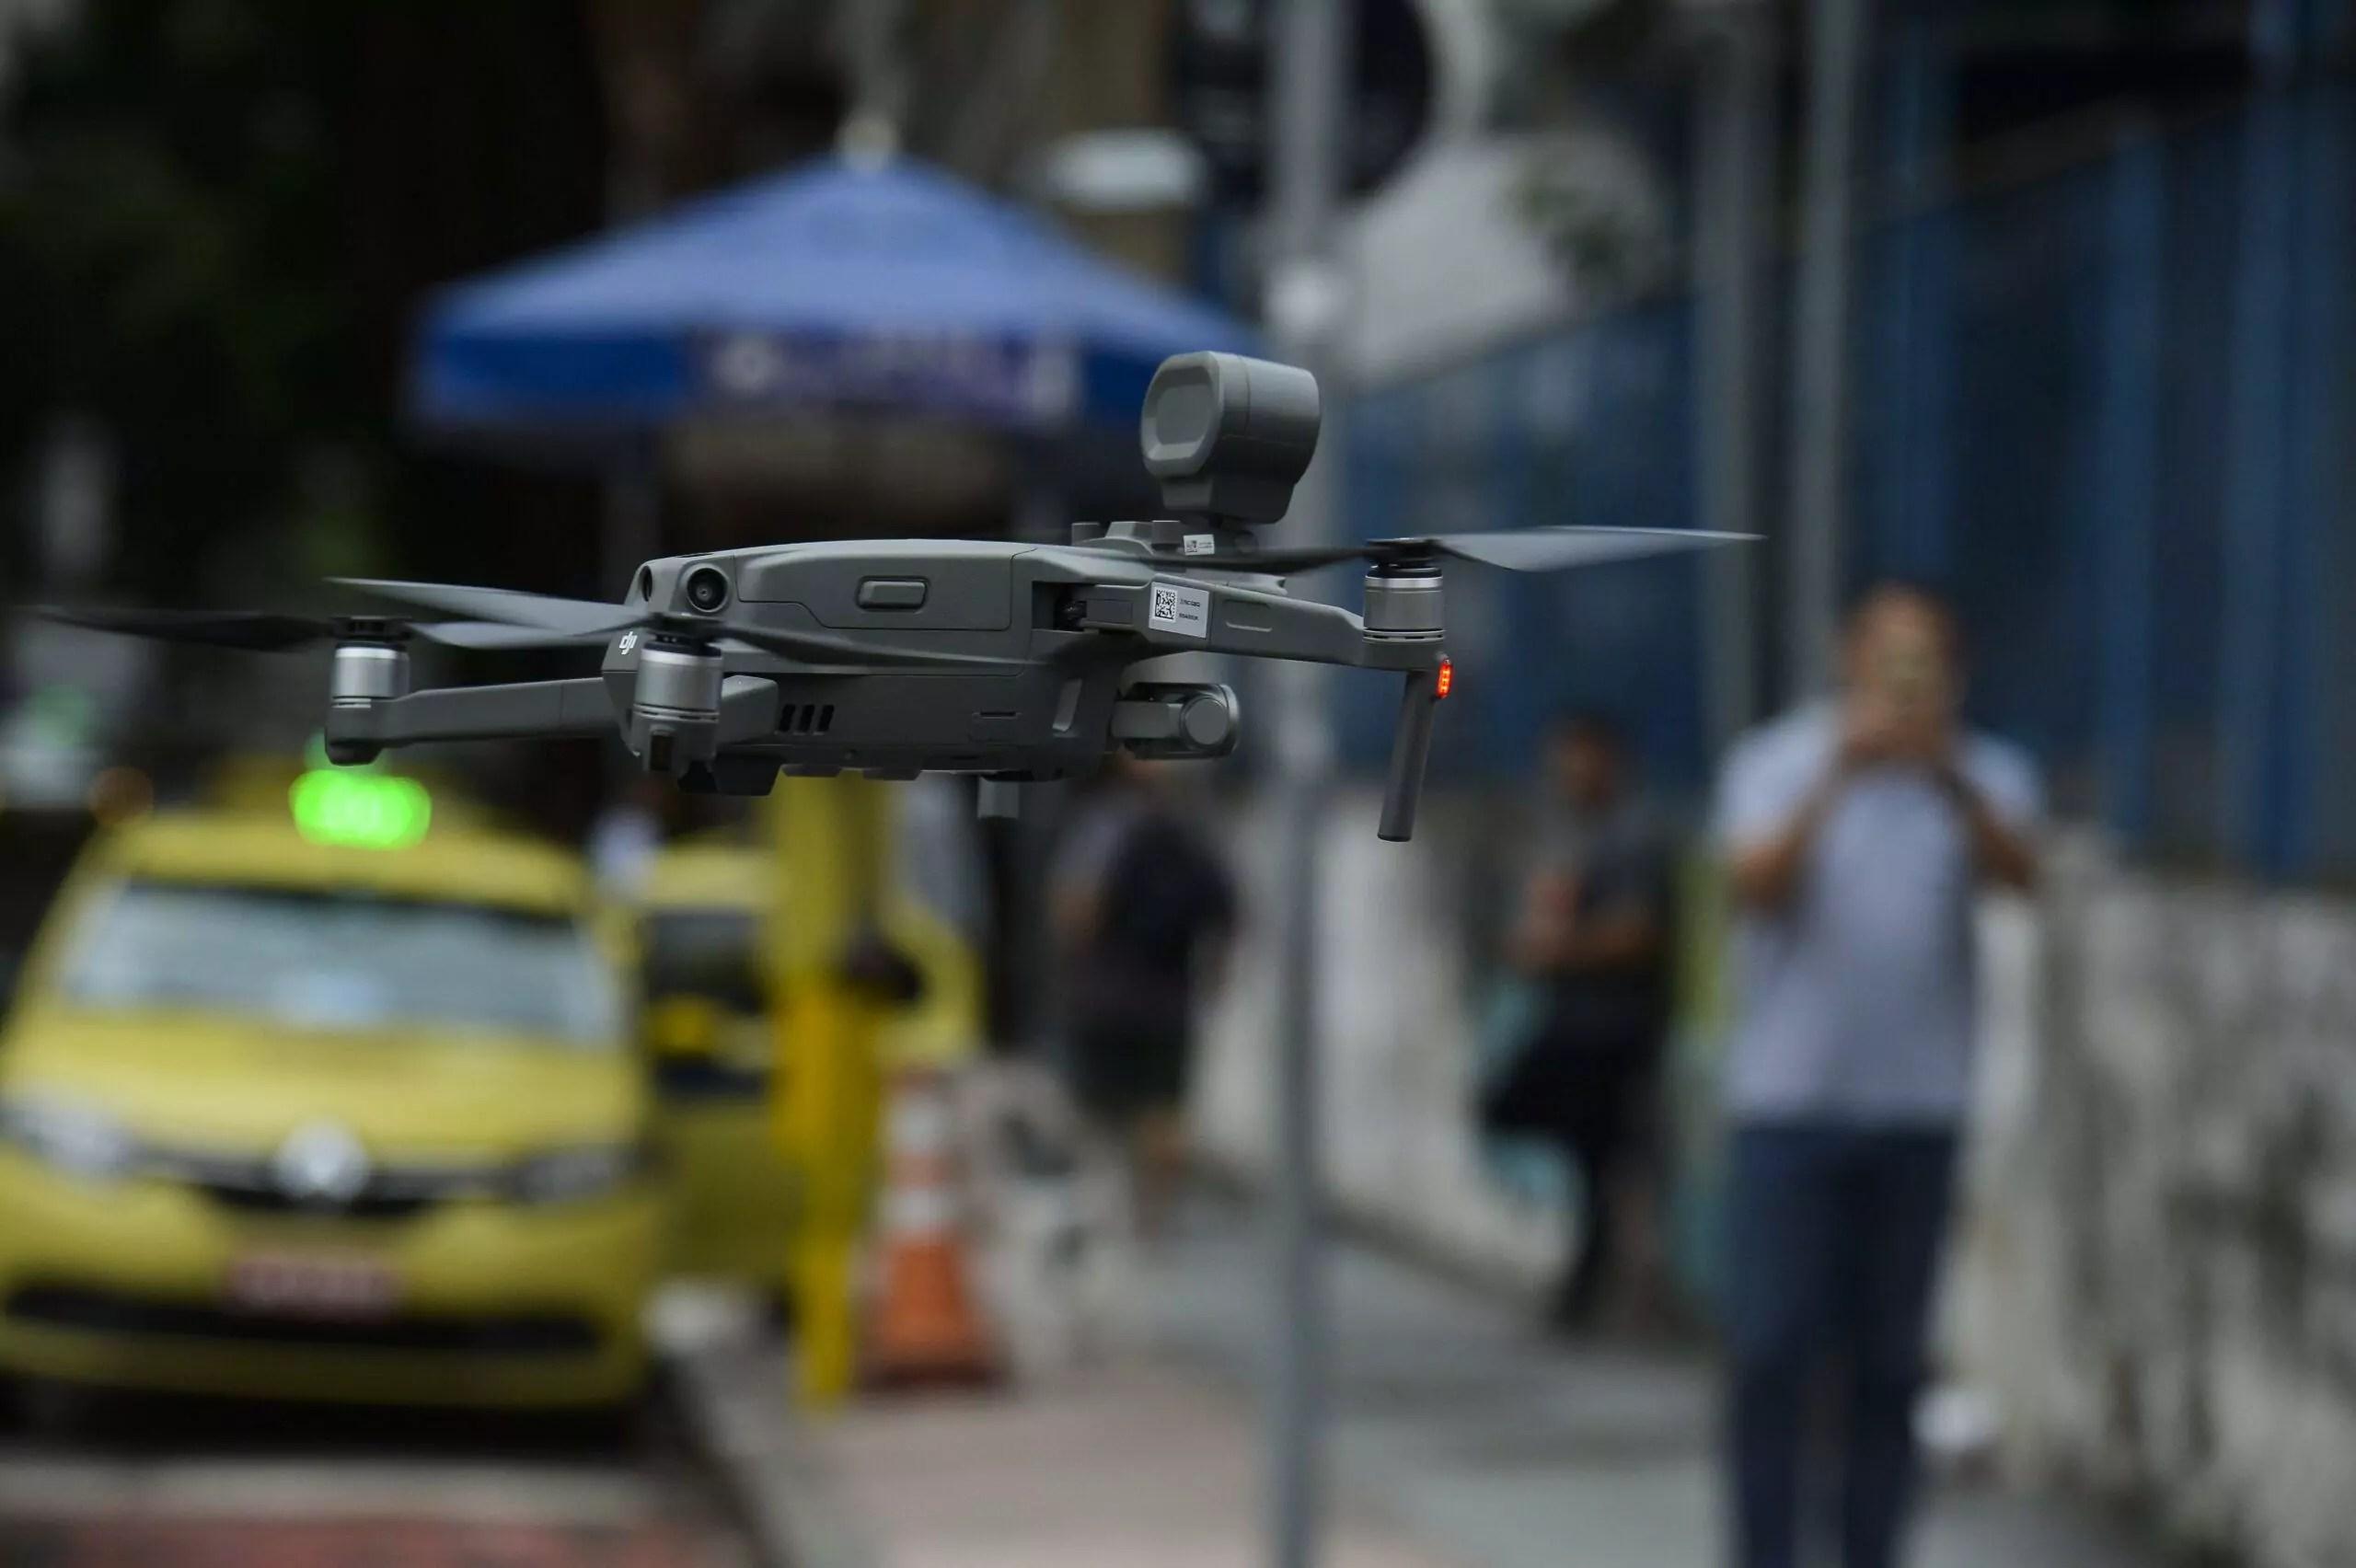 Eleições 2020: drones fiscalizarão locais de votação. Foto: Tomaz Silva/Agência Brasil